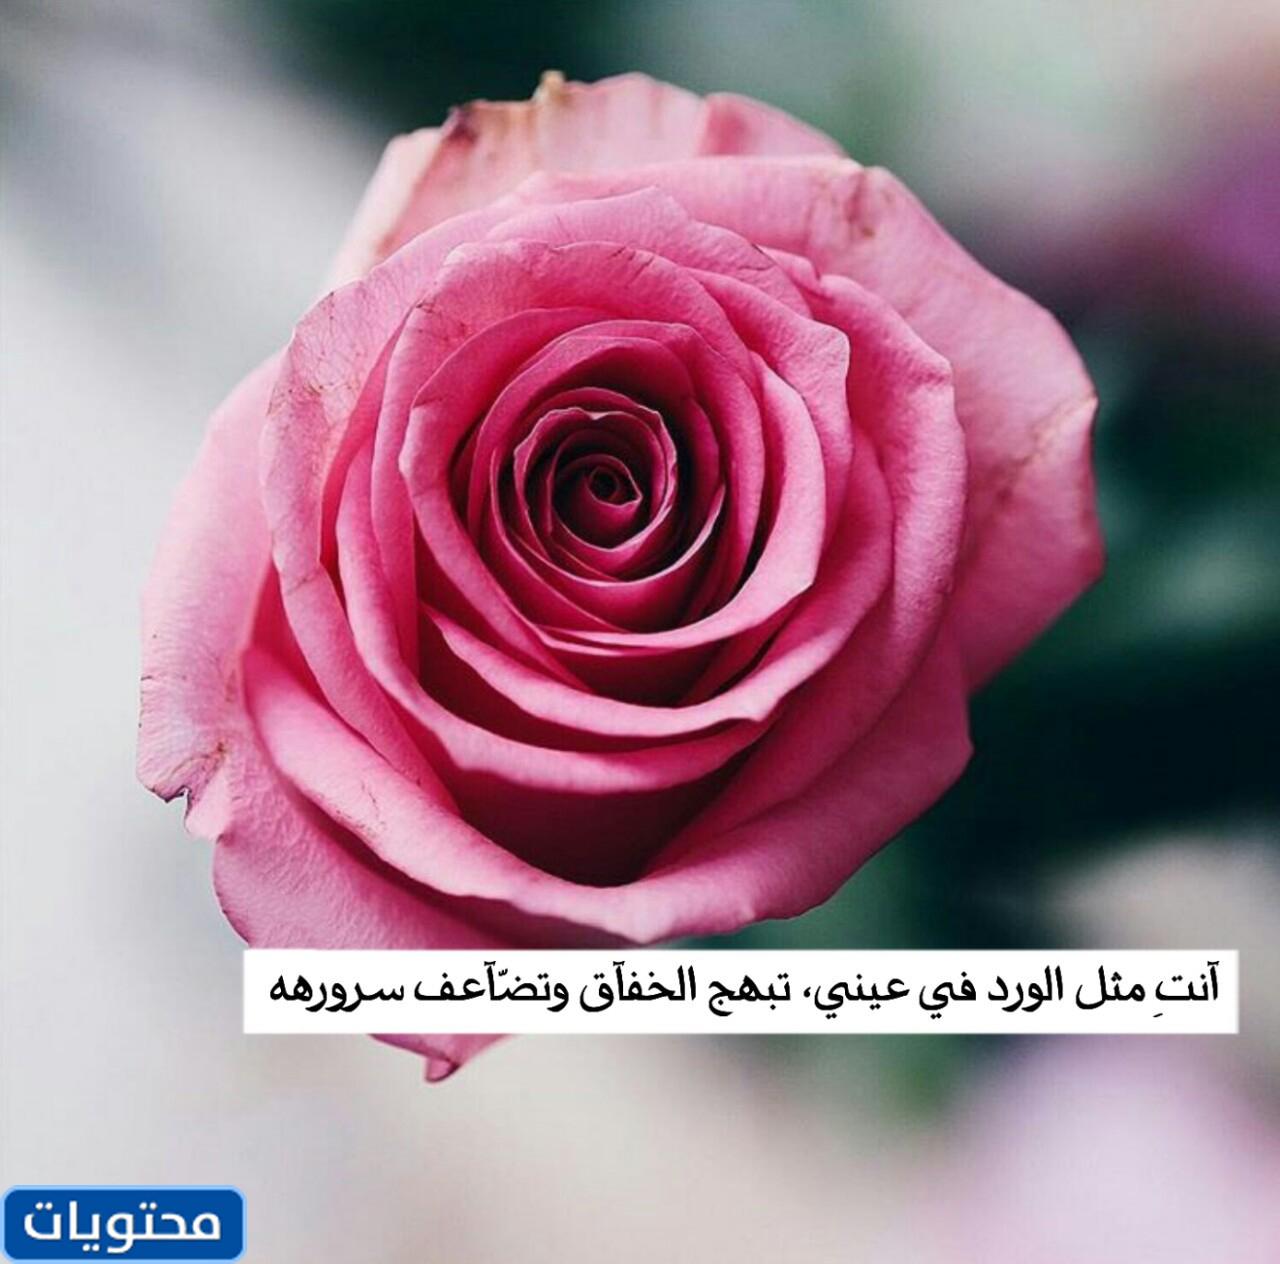 الورود لصور الملف الشخصي 8